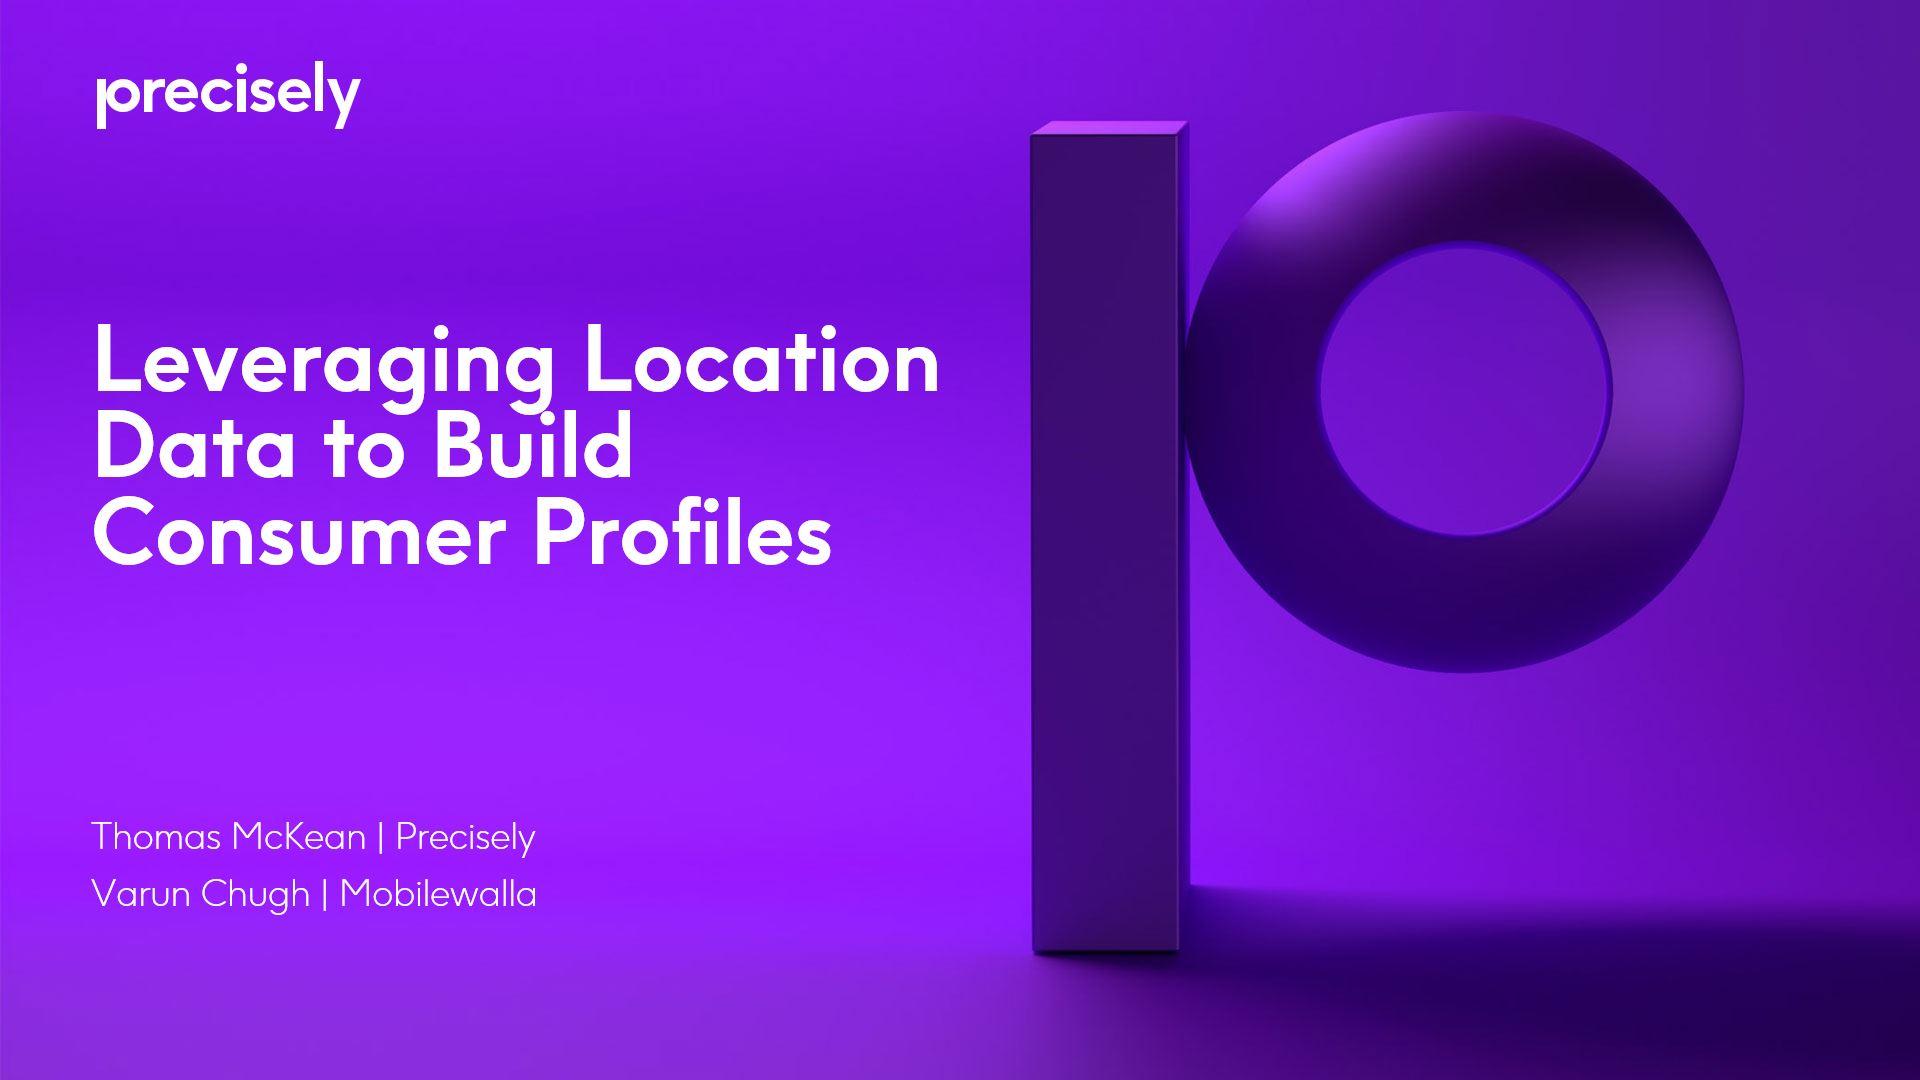 Leveraging Location Data to Build Consumer Profiles